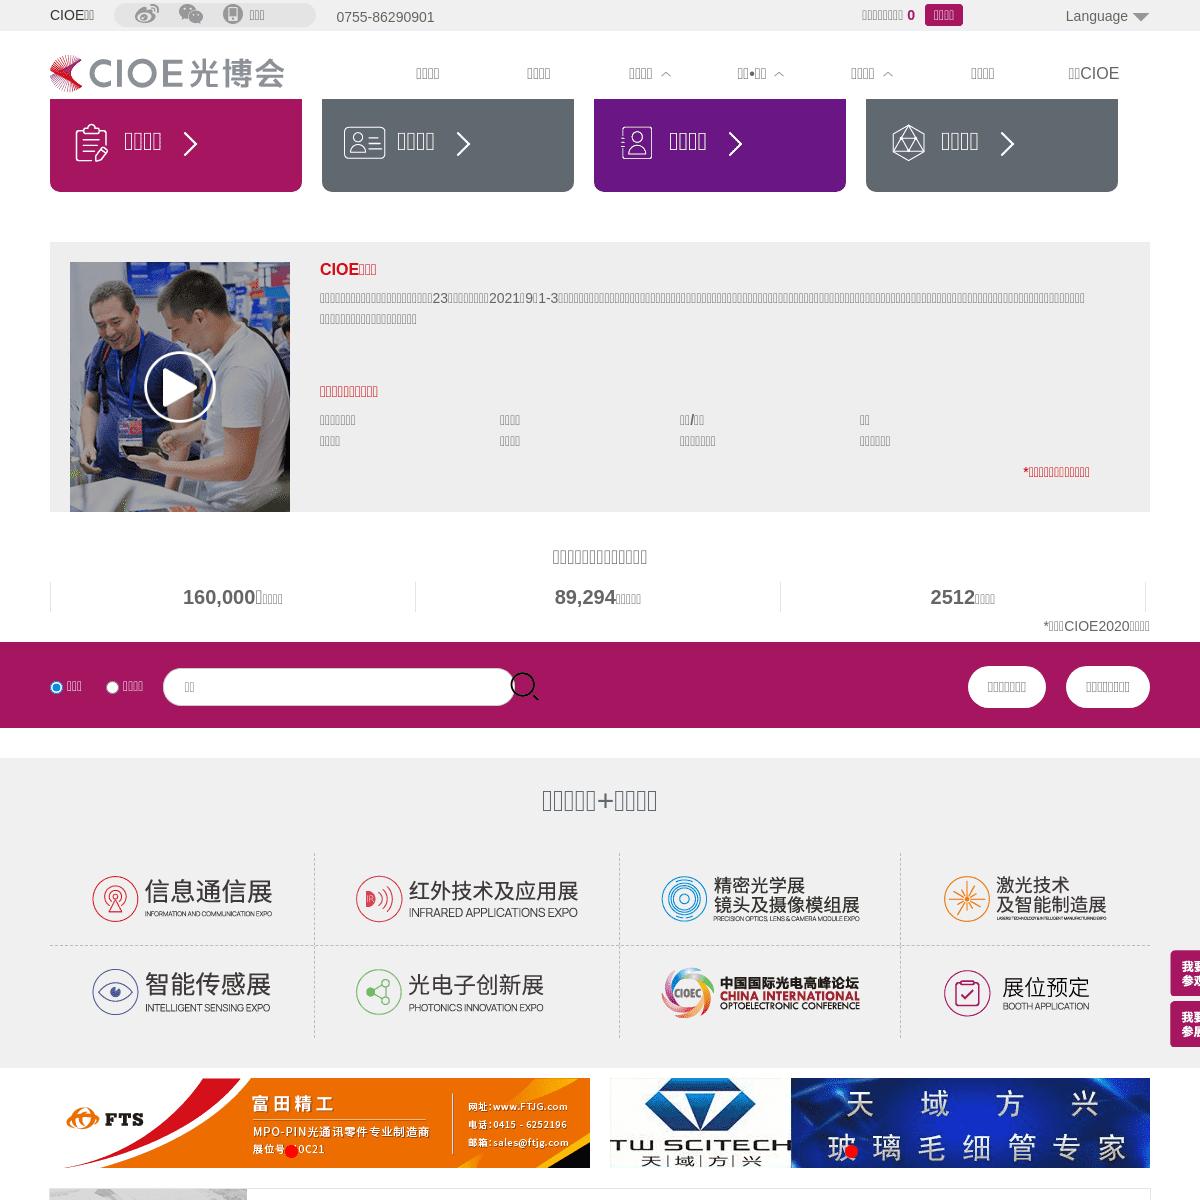 2021光博会-光电博览会(CIOE)